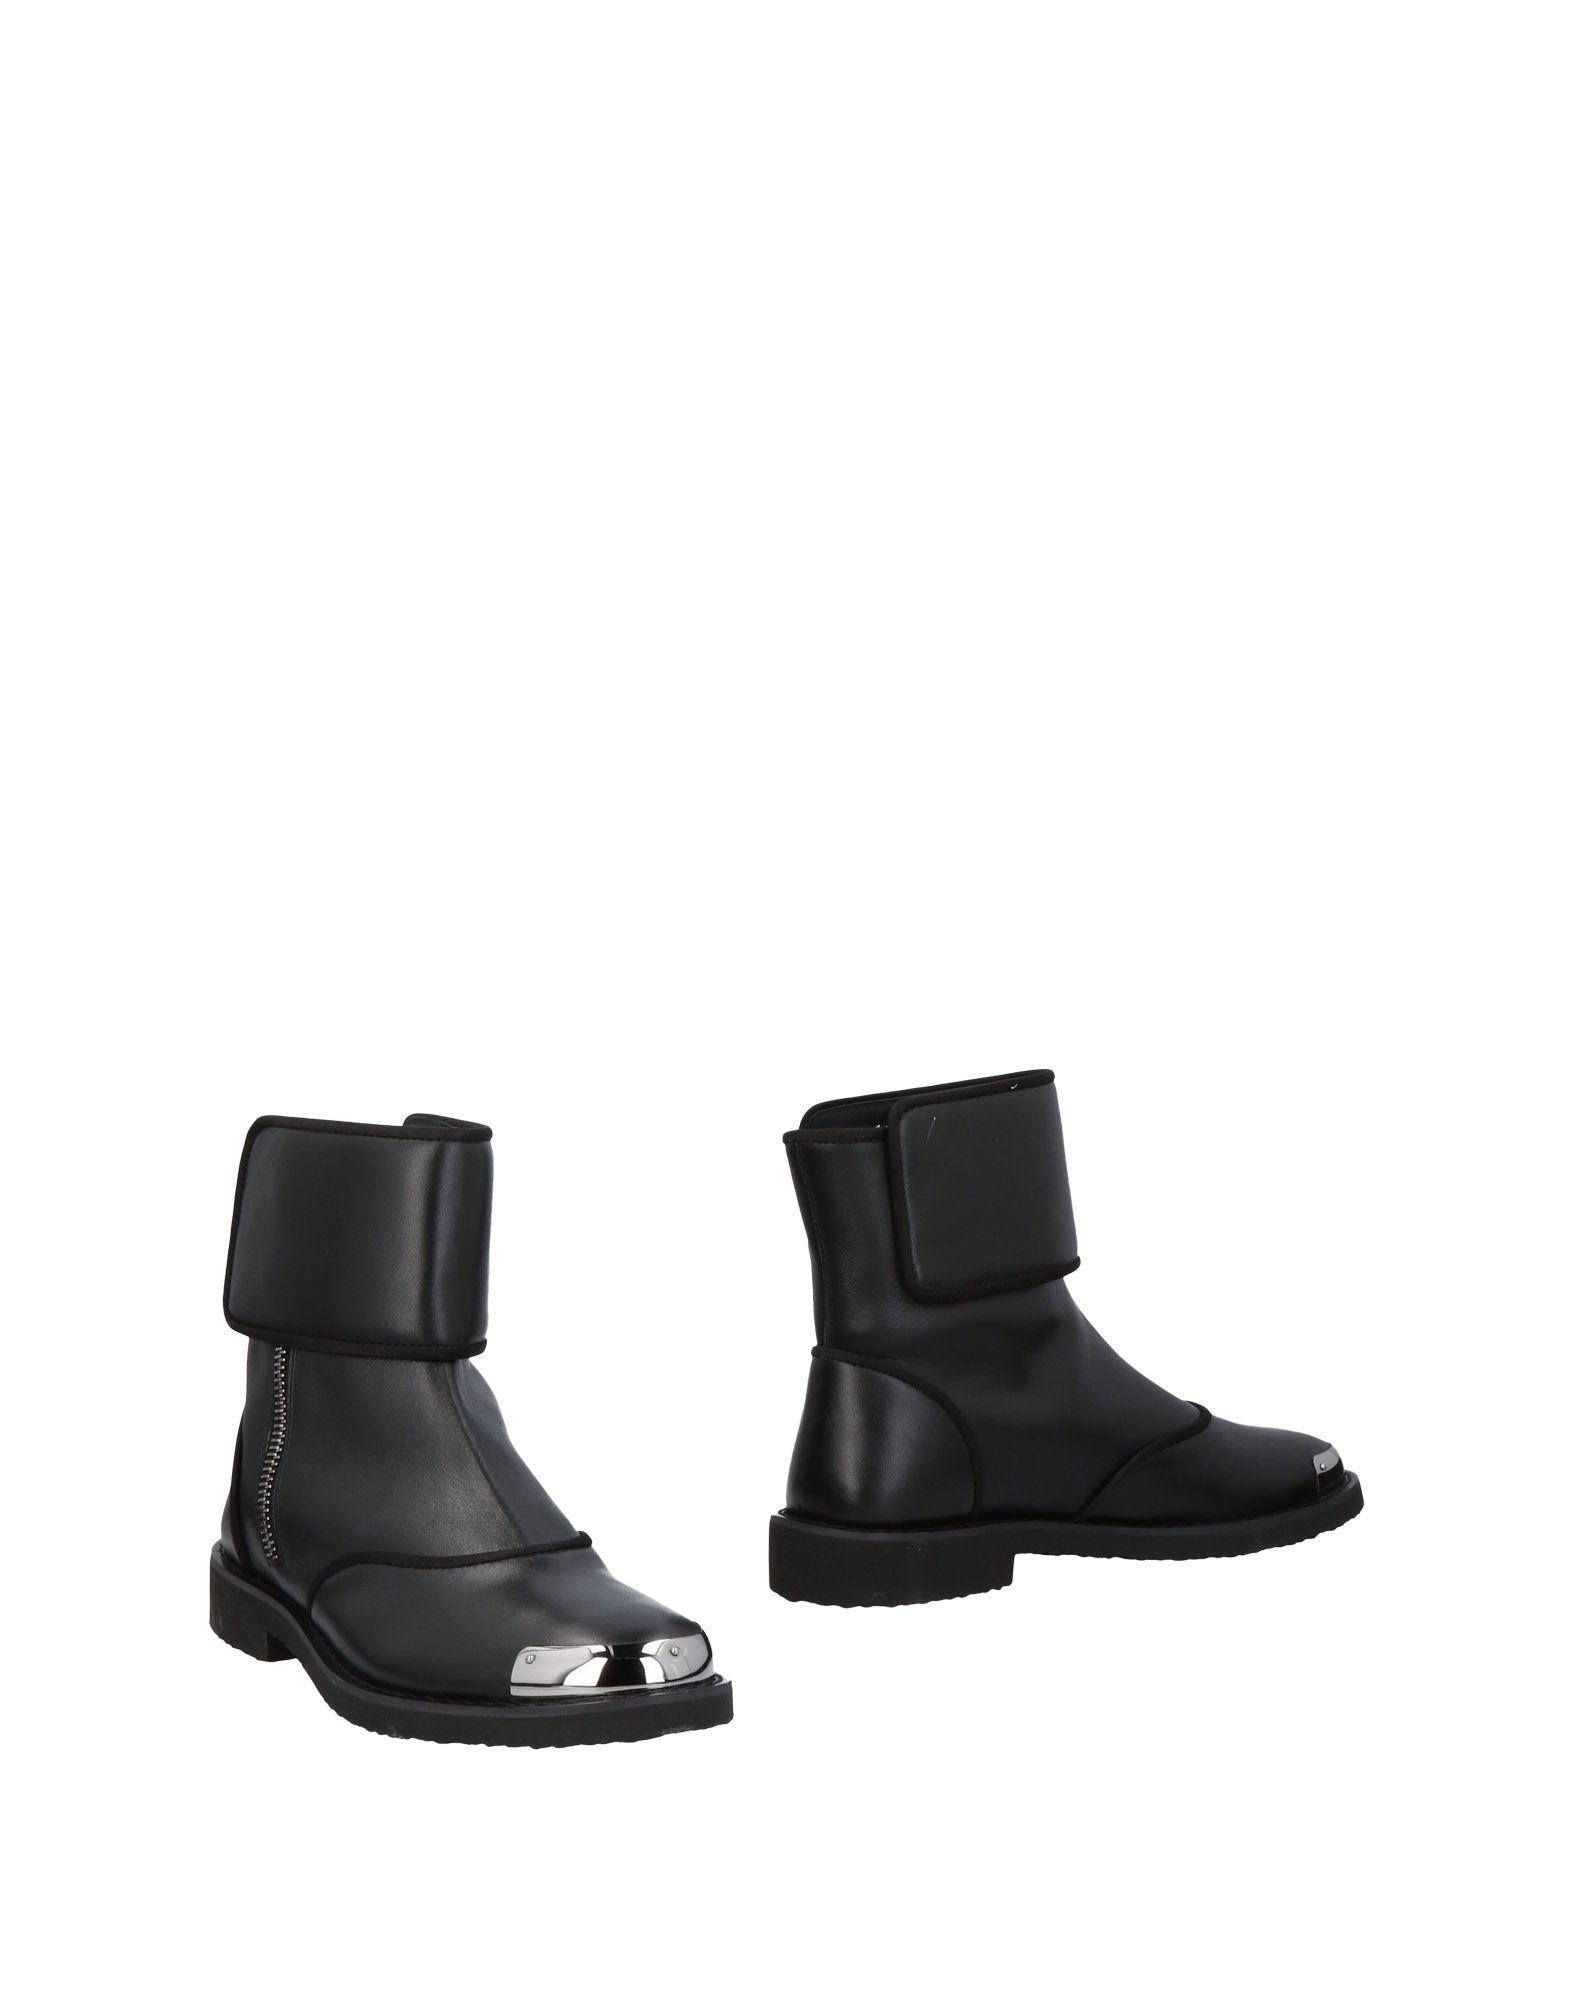 Giuseppe Zanotti Stiefelette Herren  11446333SH Gute Qualität beliebte Schuhe